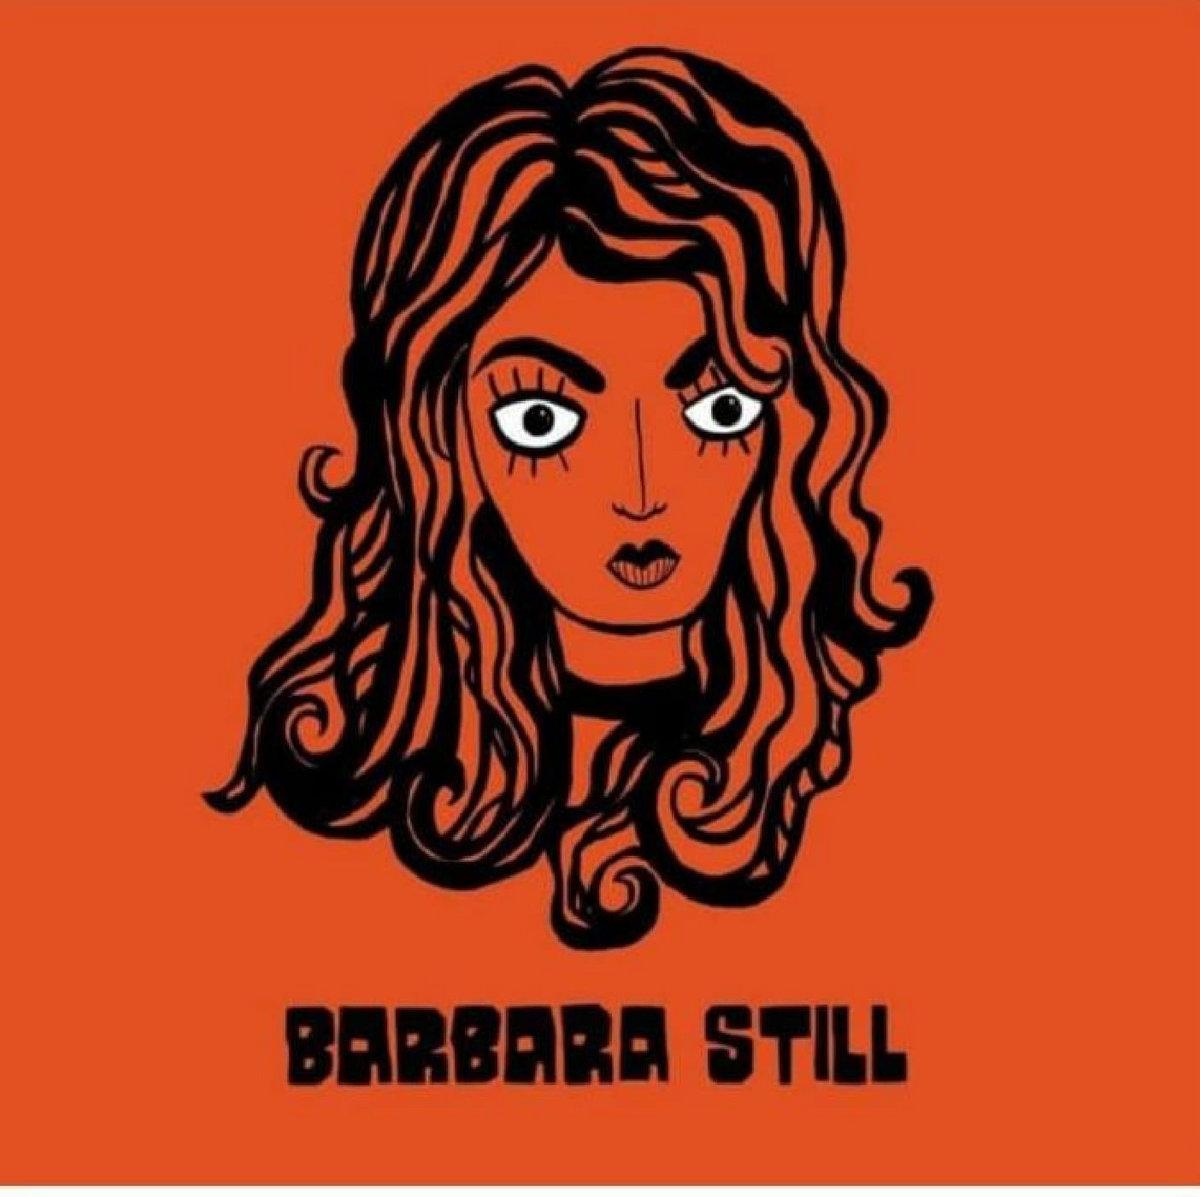 Barbara Still